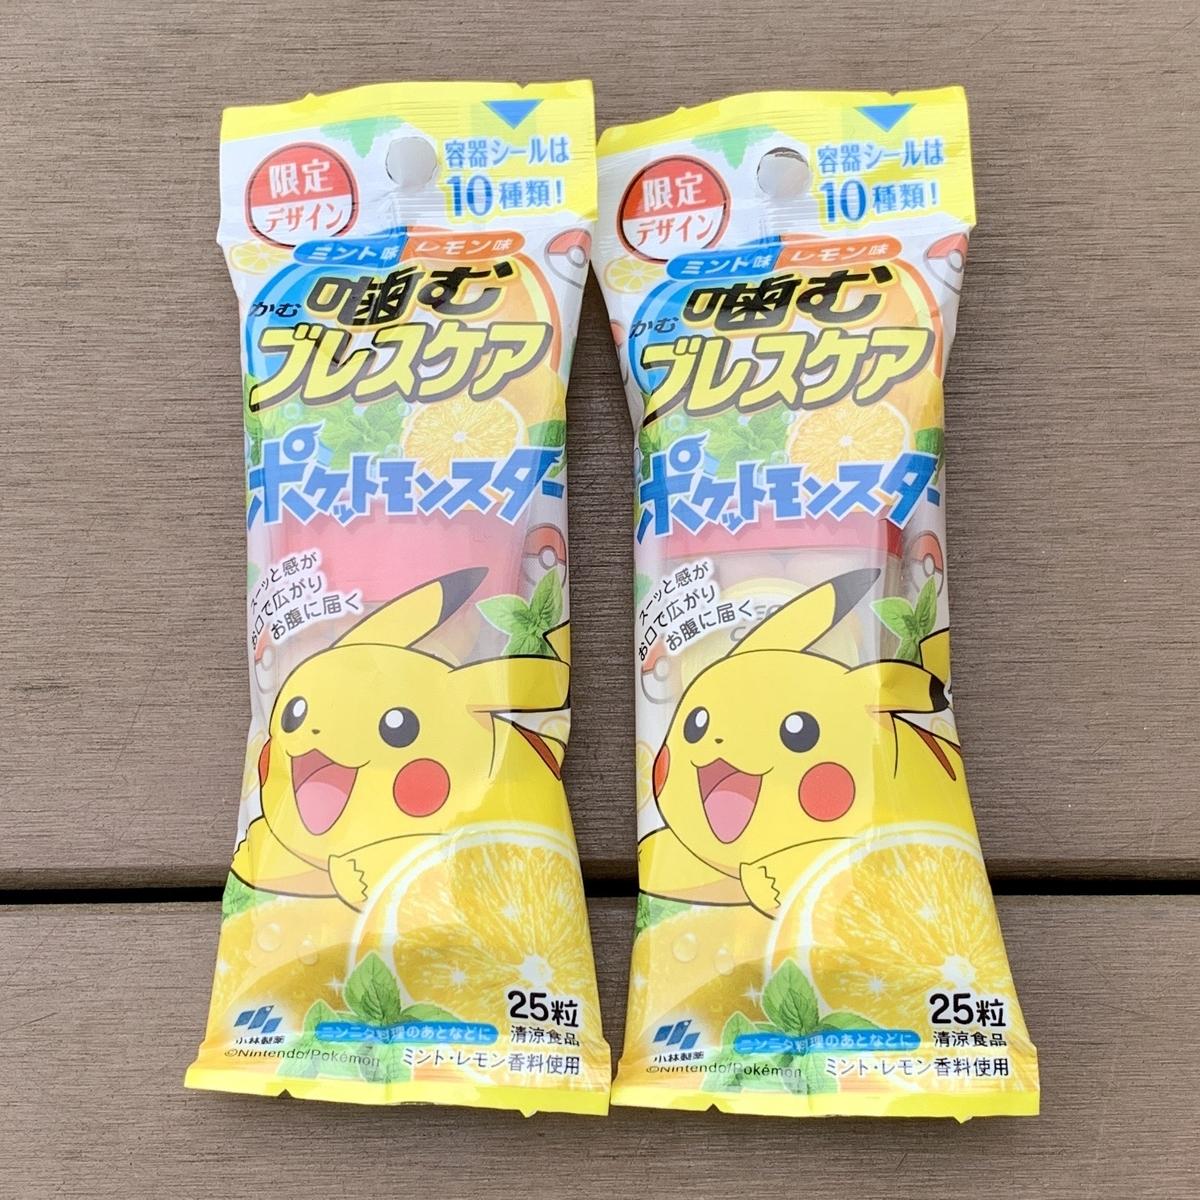 f:id:pikachu_pcn:20200606104643j:plain